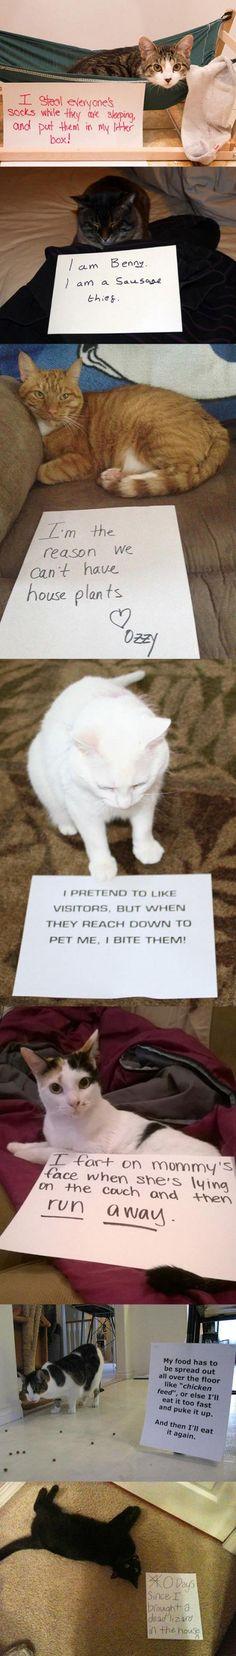 Katzen haben es faustdick hinter den Ohren   Webfail - Fail Bilder und Fail Videos